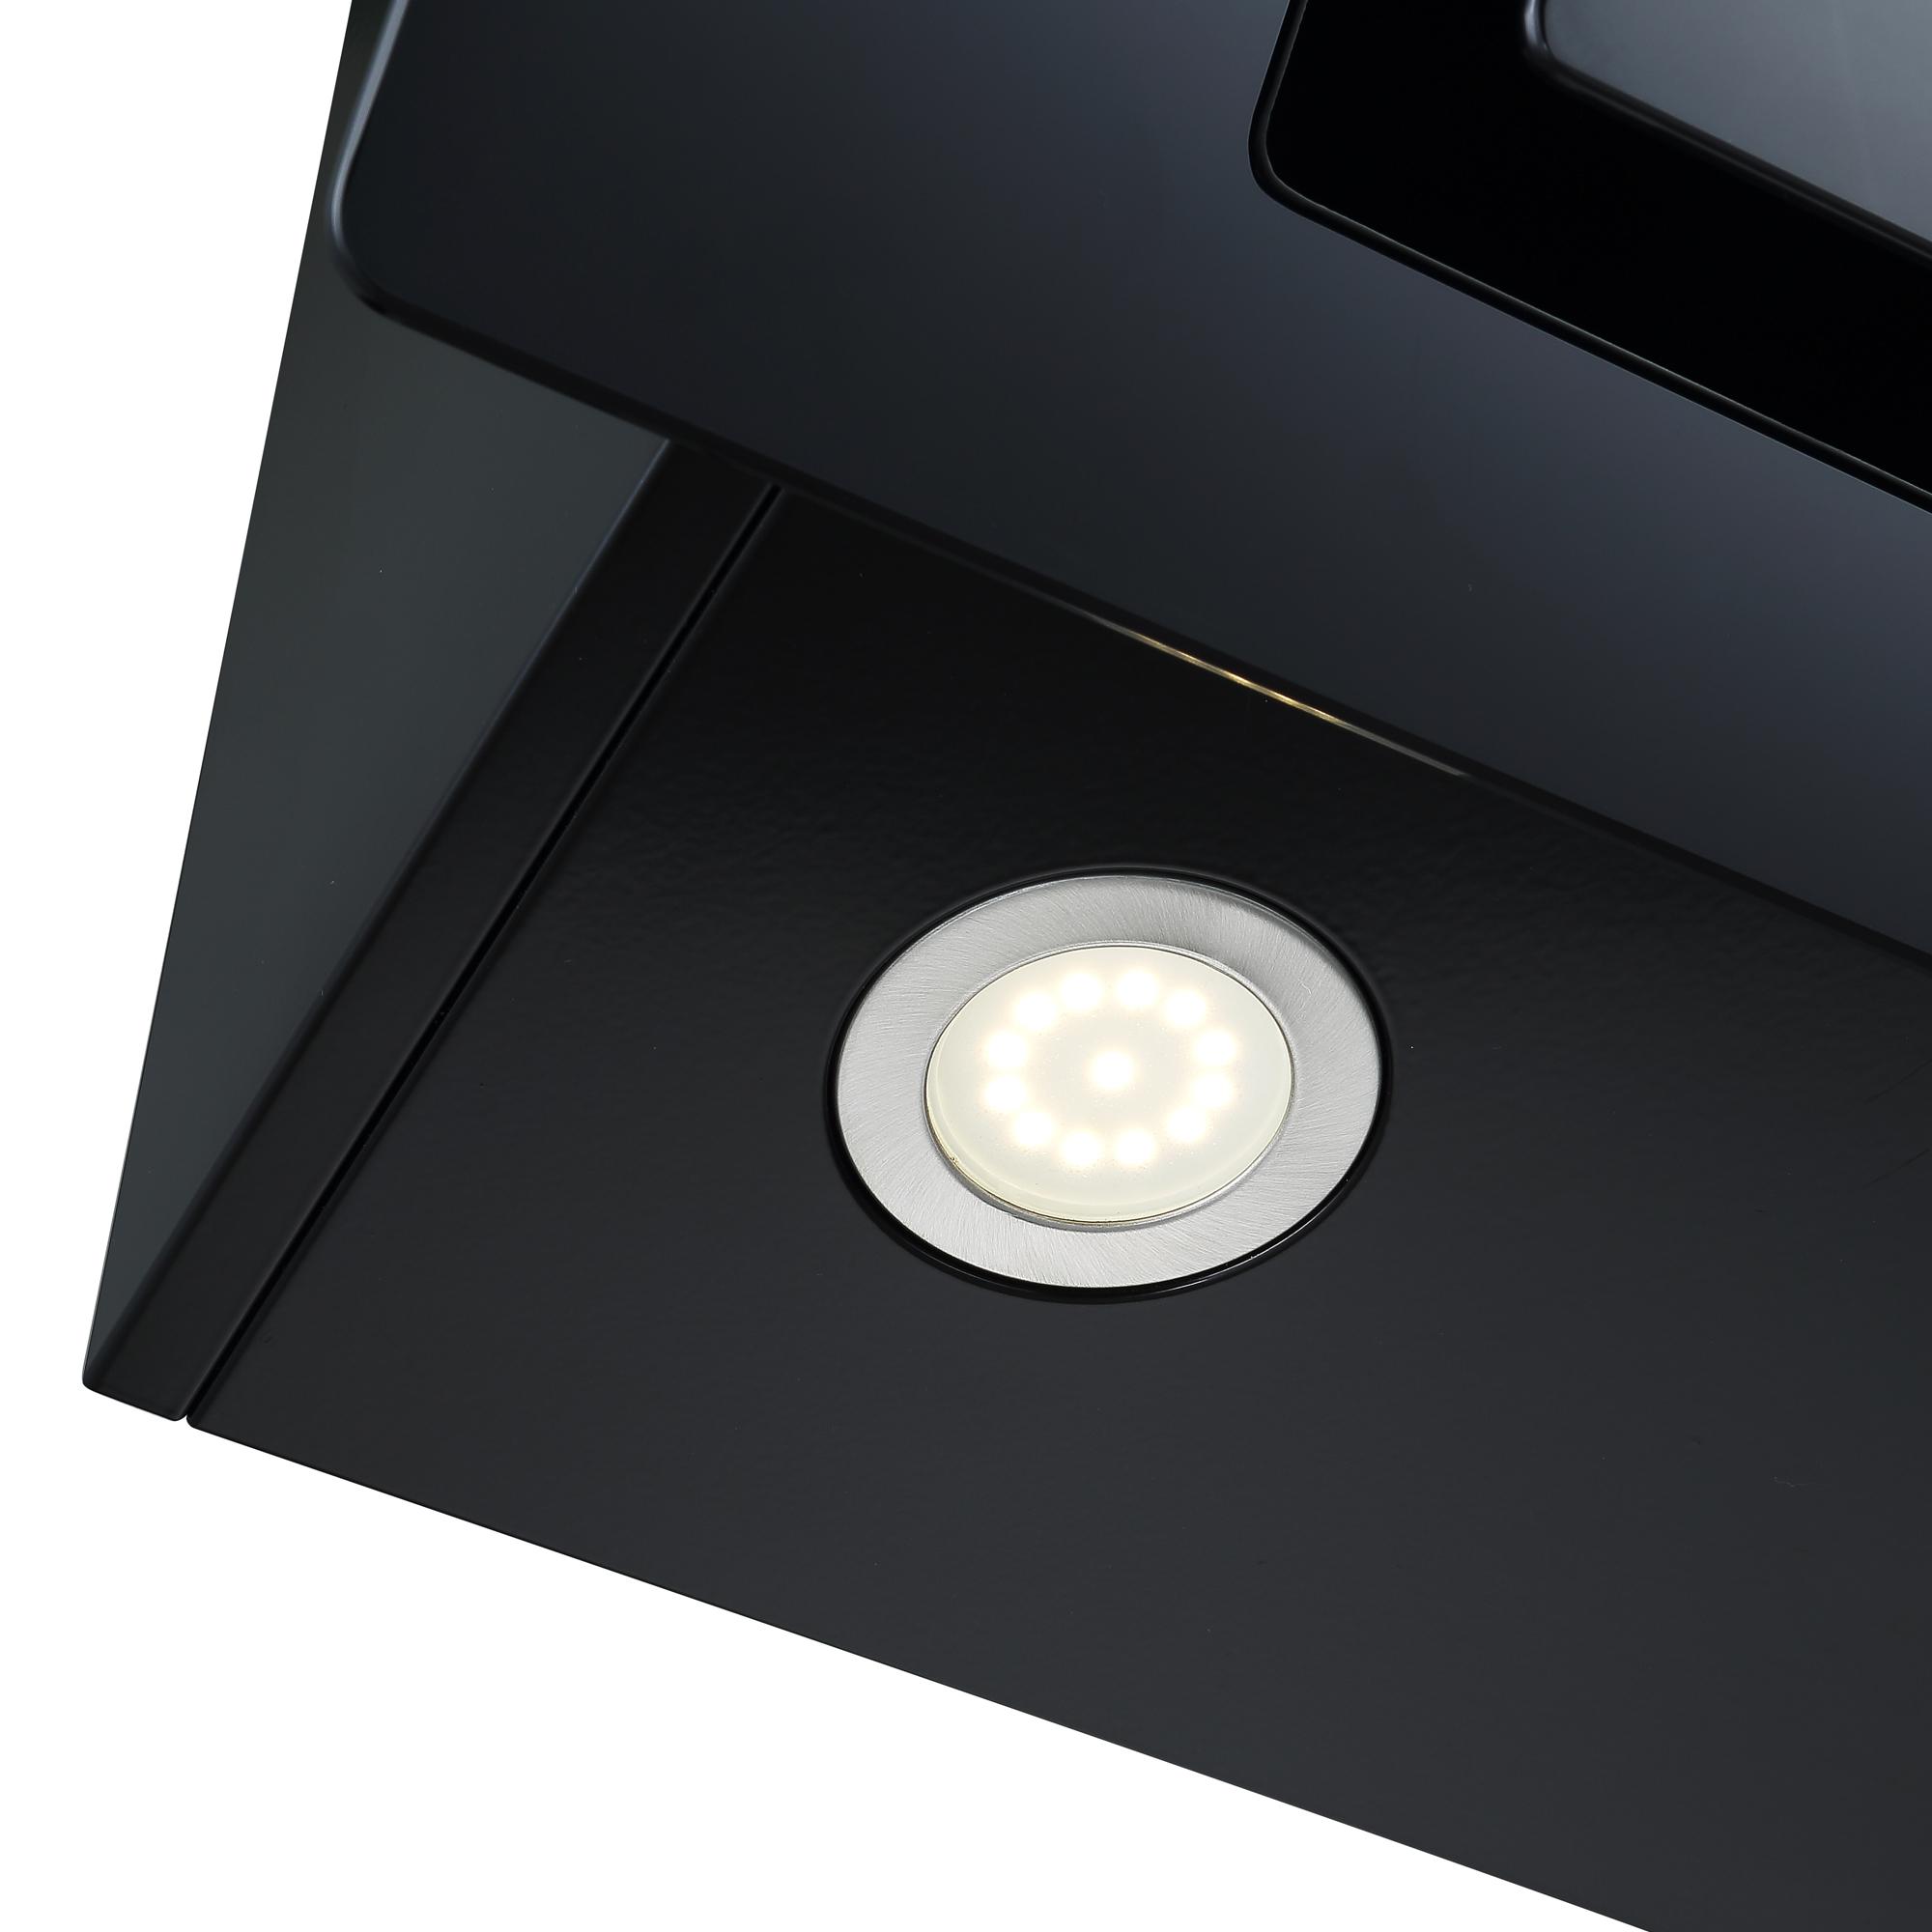 Ersatz Beleuchtung 2er 2 x VIESTA LED Lampe 1,5W für Dunstabzugshaube DHX Kabel